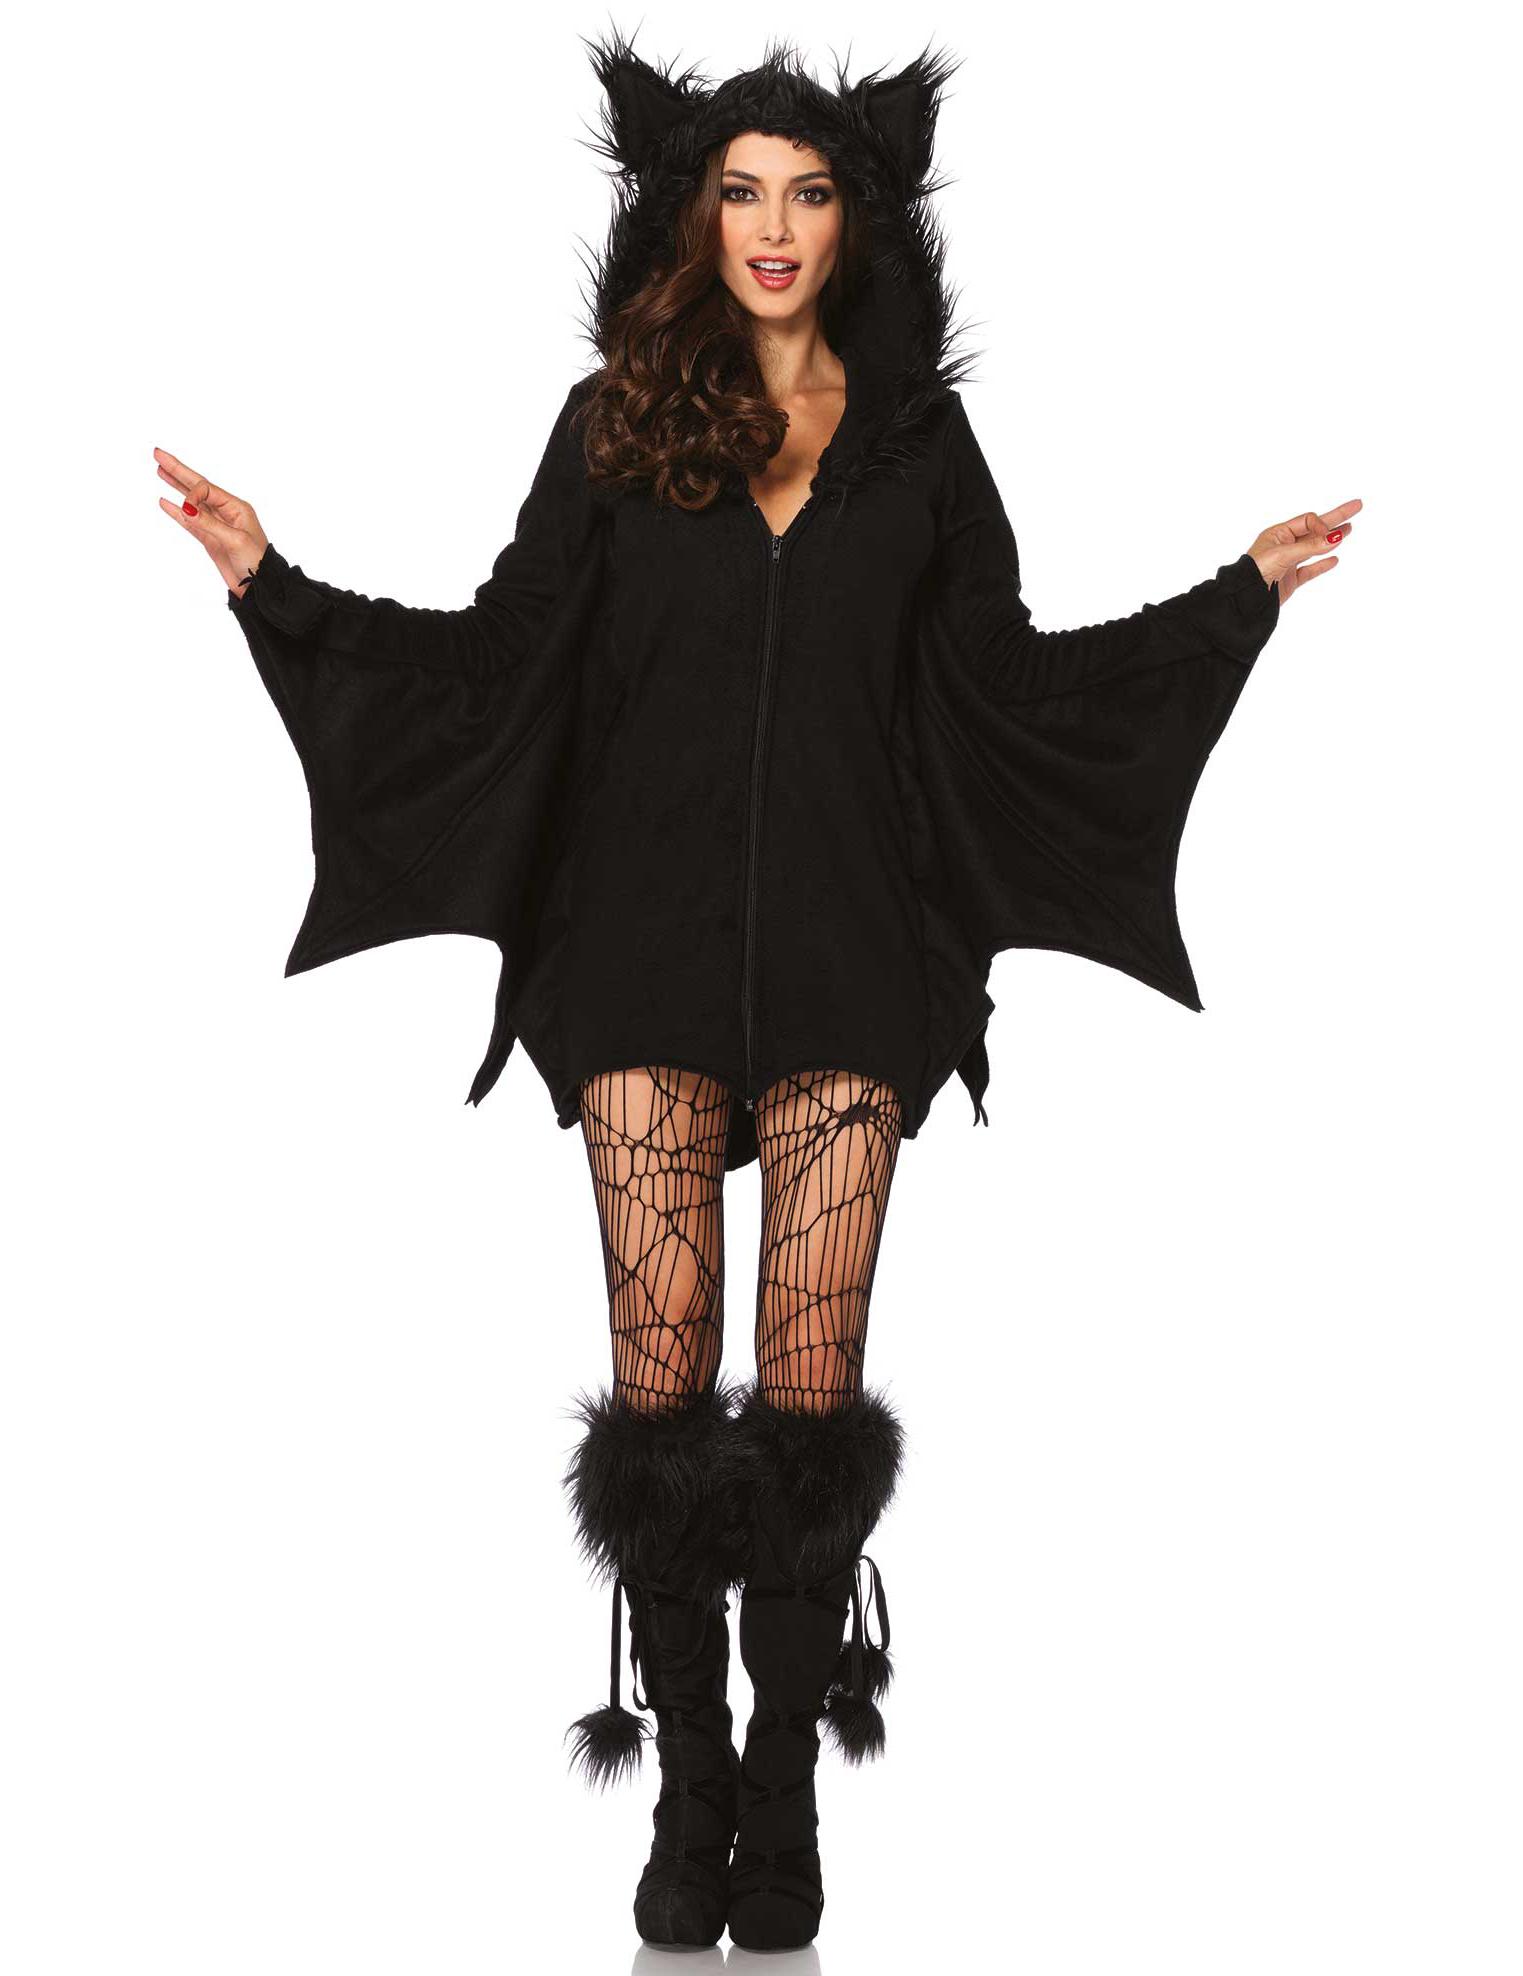 Fledermaus Fledermaus Halloween Süsse Halloween Damenkostüm Schwarz Schwarz Süsse Damenkostüm 4zq6gqXw